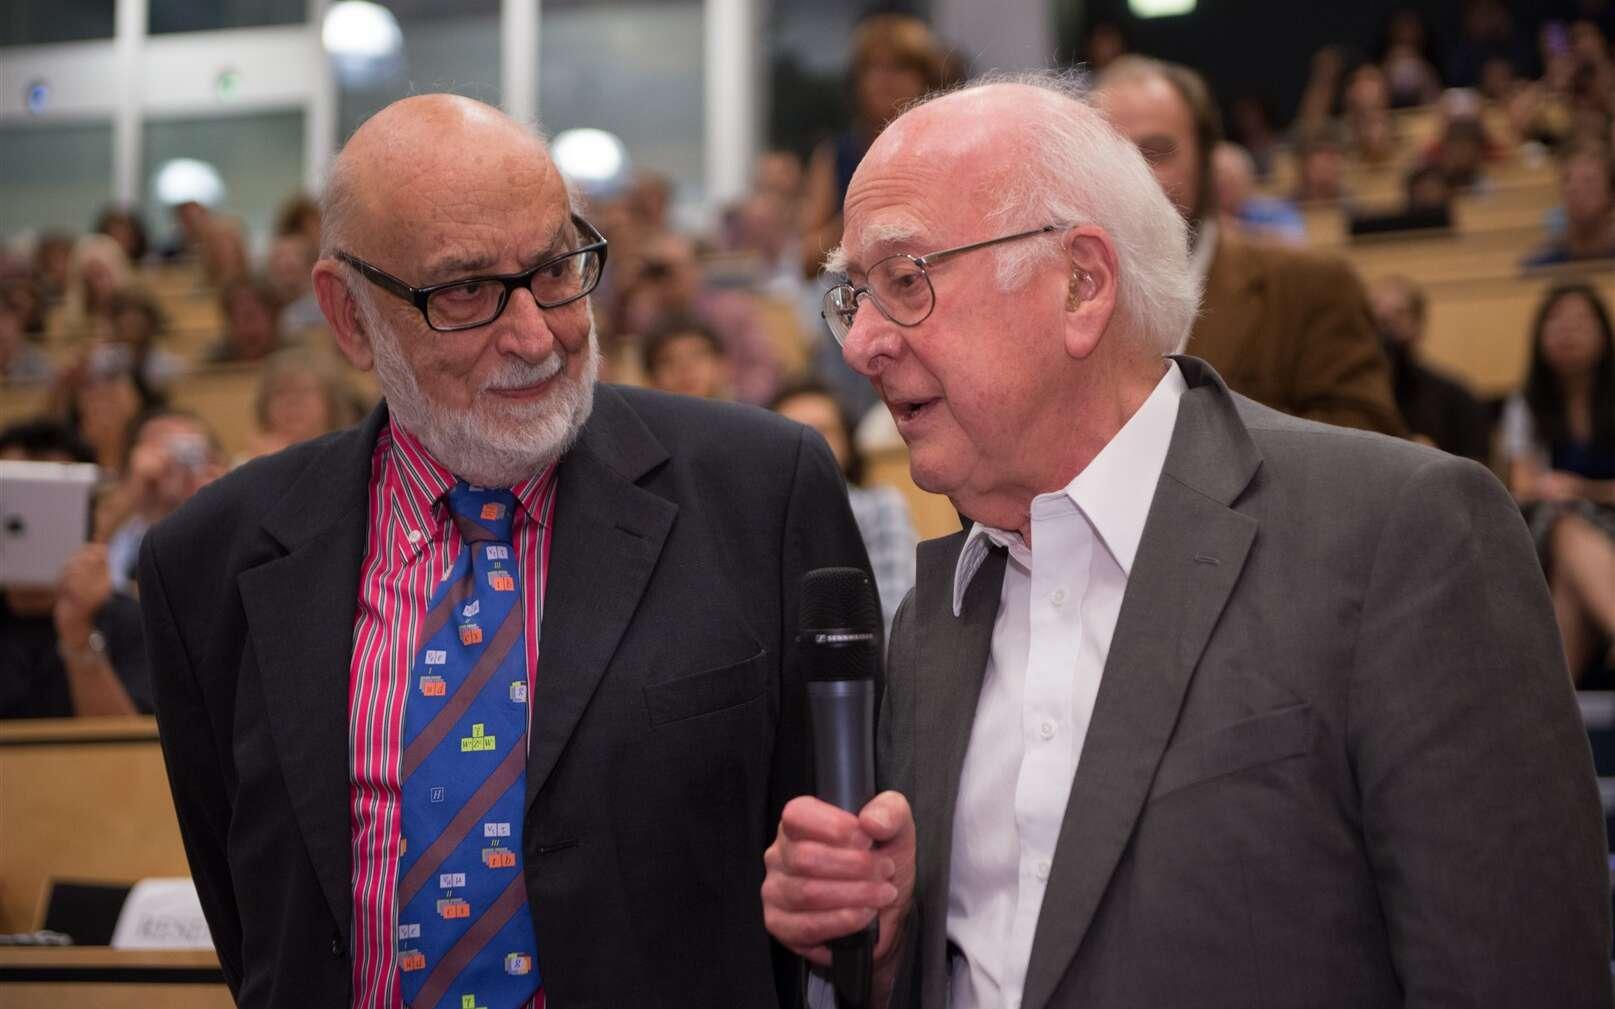 François Englert (à gauche), malheureusement sans Robert Brout, a rencontré Peter Higgs pour la première fois au Cern, le 4 juillet 2012. Les deux hommes ont reçu le prix Nobel de physique 2013. © Maximilien Brice, Laurent Egli, Cern